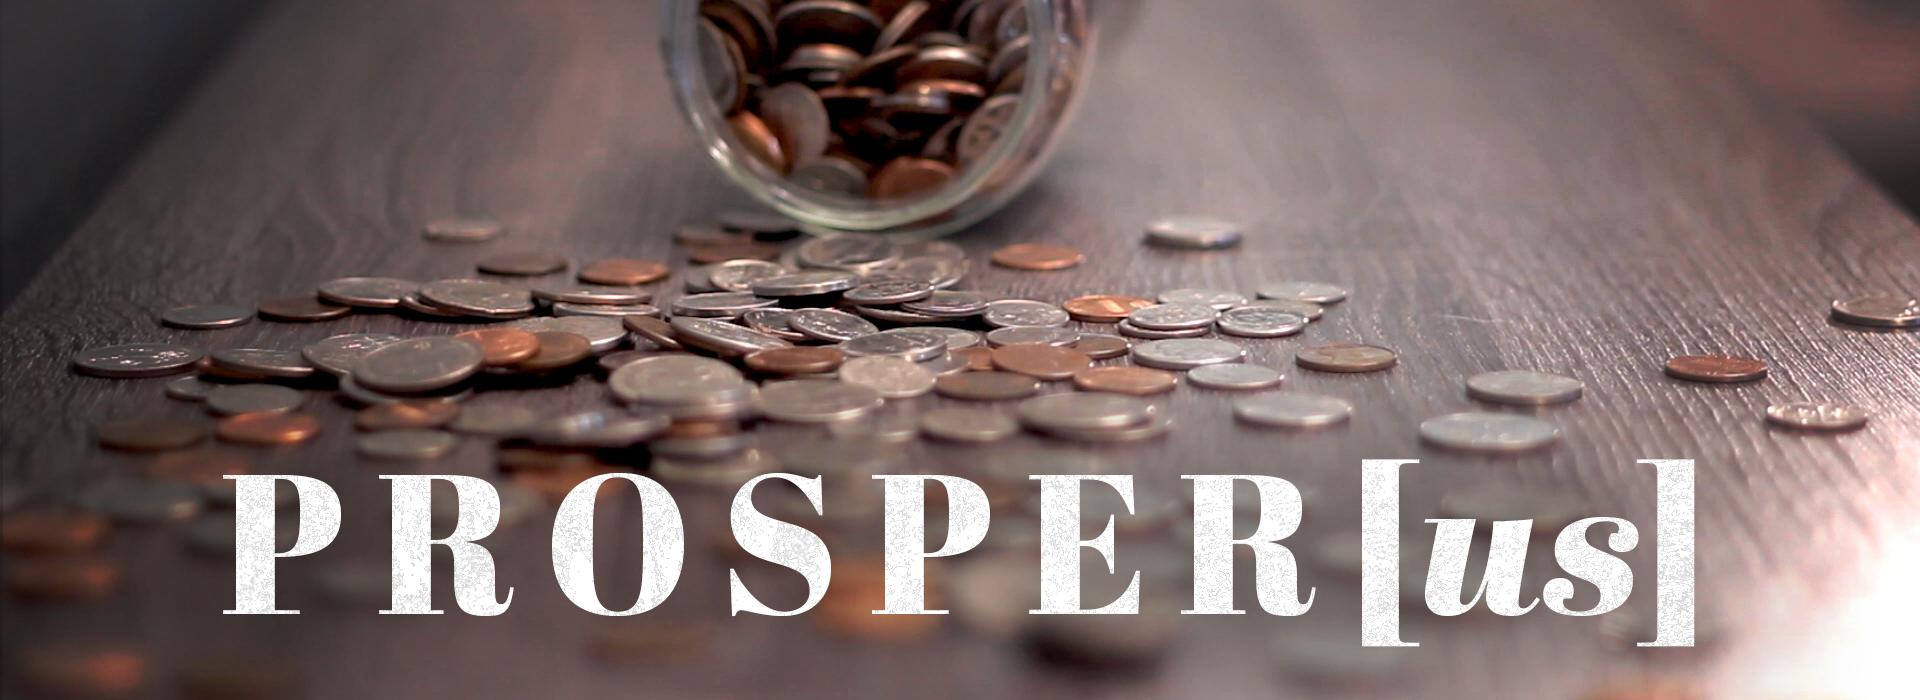 Prosper[us] September 2019 2 Corinthians 8–9